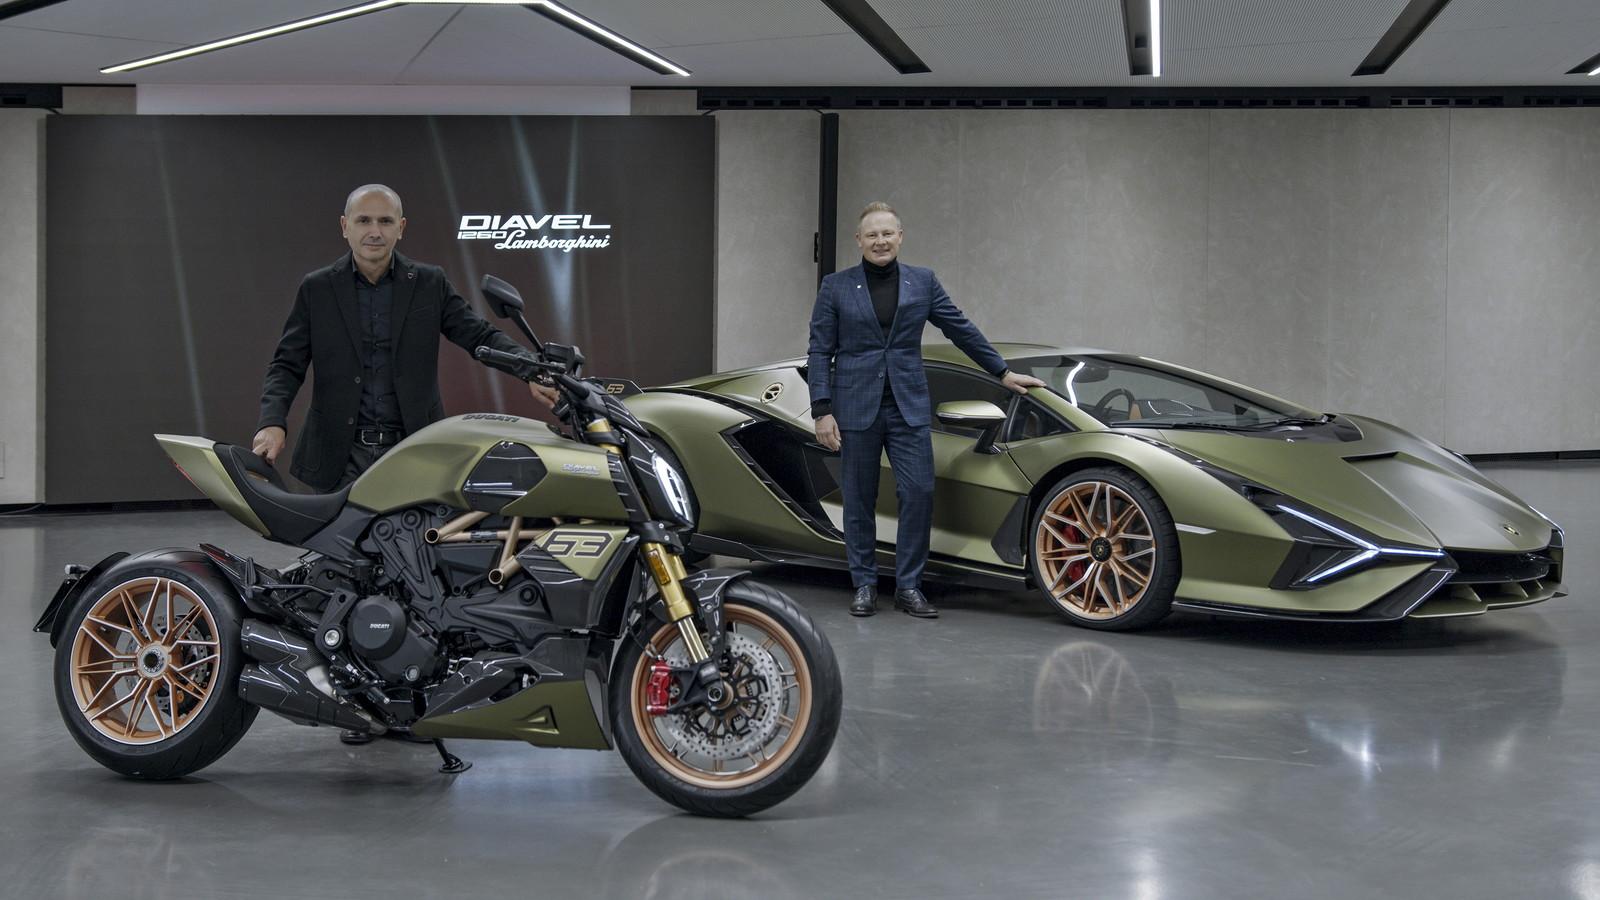 Realizzato in edizione limitata e numerata di 630 esemplari, il Ducati Diavel 1260 Lamborghini nasce dalla collaborazione tra i due prestigiosi brand che hanno le loro radici nella Motor Valley, la terra dei motori emiliano-romagnola. Per realizzare questo progetto, i designer Ducati hanno scelto di lasciarsi ispirare dalla Si&agrave;n FKP 37, la vettura pi&ugrave; prestigiosa mai realizzata da Lamborghini: disponibile in soli 63 esemplari &egrave; la pi&ugrave; potente di sempre con i suoi 819 CV (602 kW) grazie all&rsquo;unione di termico ed elettrico. La moto si caratterizza per i cerchi forgiati dal disegno inedito che richiamano esplicitamente quelli dell&rsquo;auto, per un nuovo bodywork in carbonio e per la livrea speciale con i colori della Si&agrave;n FKP 37. Il cuore del Diavel 1260 Lamborghini &egrave; il Ducati Testastretta DVT da 1262 cm3 con variatore di fase. Questo motore omologato Euro 5 &egrave; in grado di erogare 162 CV (119 kW) a 9.500 giri/minuto e 129 Nm (13,2 kgm) a 7.500 giri/minuto con una curva di coppia piatta sin dai regimi medio-bassi, che garantisce una risposta vigorosa ed energica in ogni fase di guida. Il Diavel 1260 Lamborghini sar&agrave; dai concessionari a fine dicembre.<br /><br />